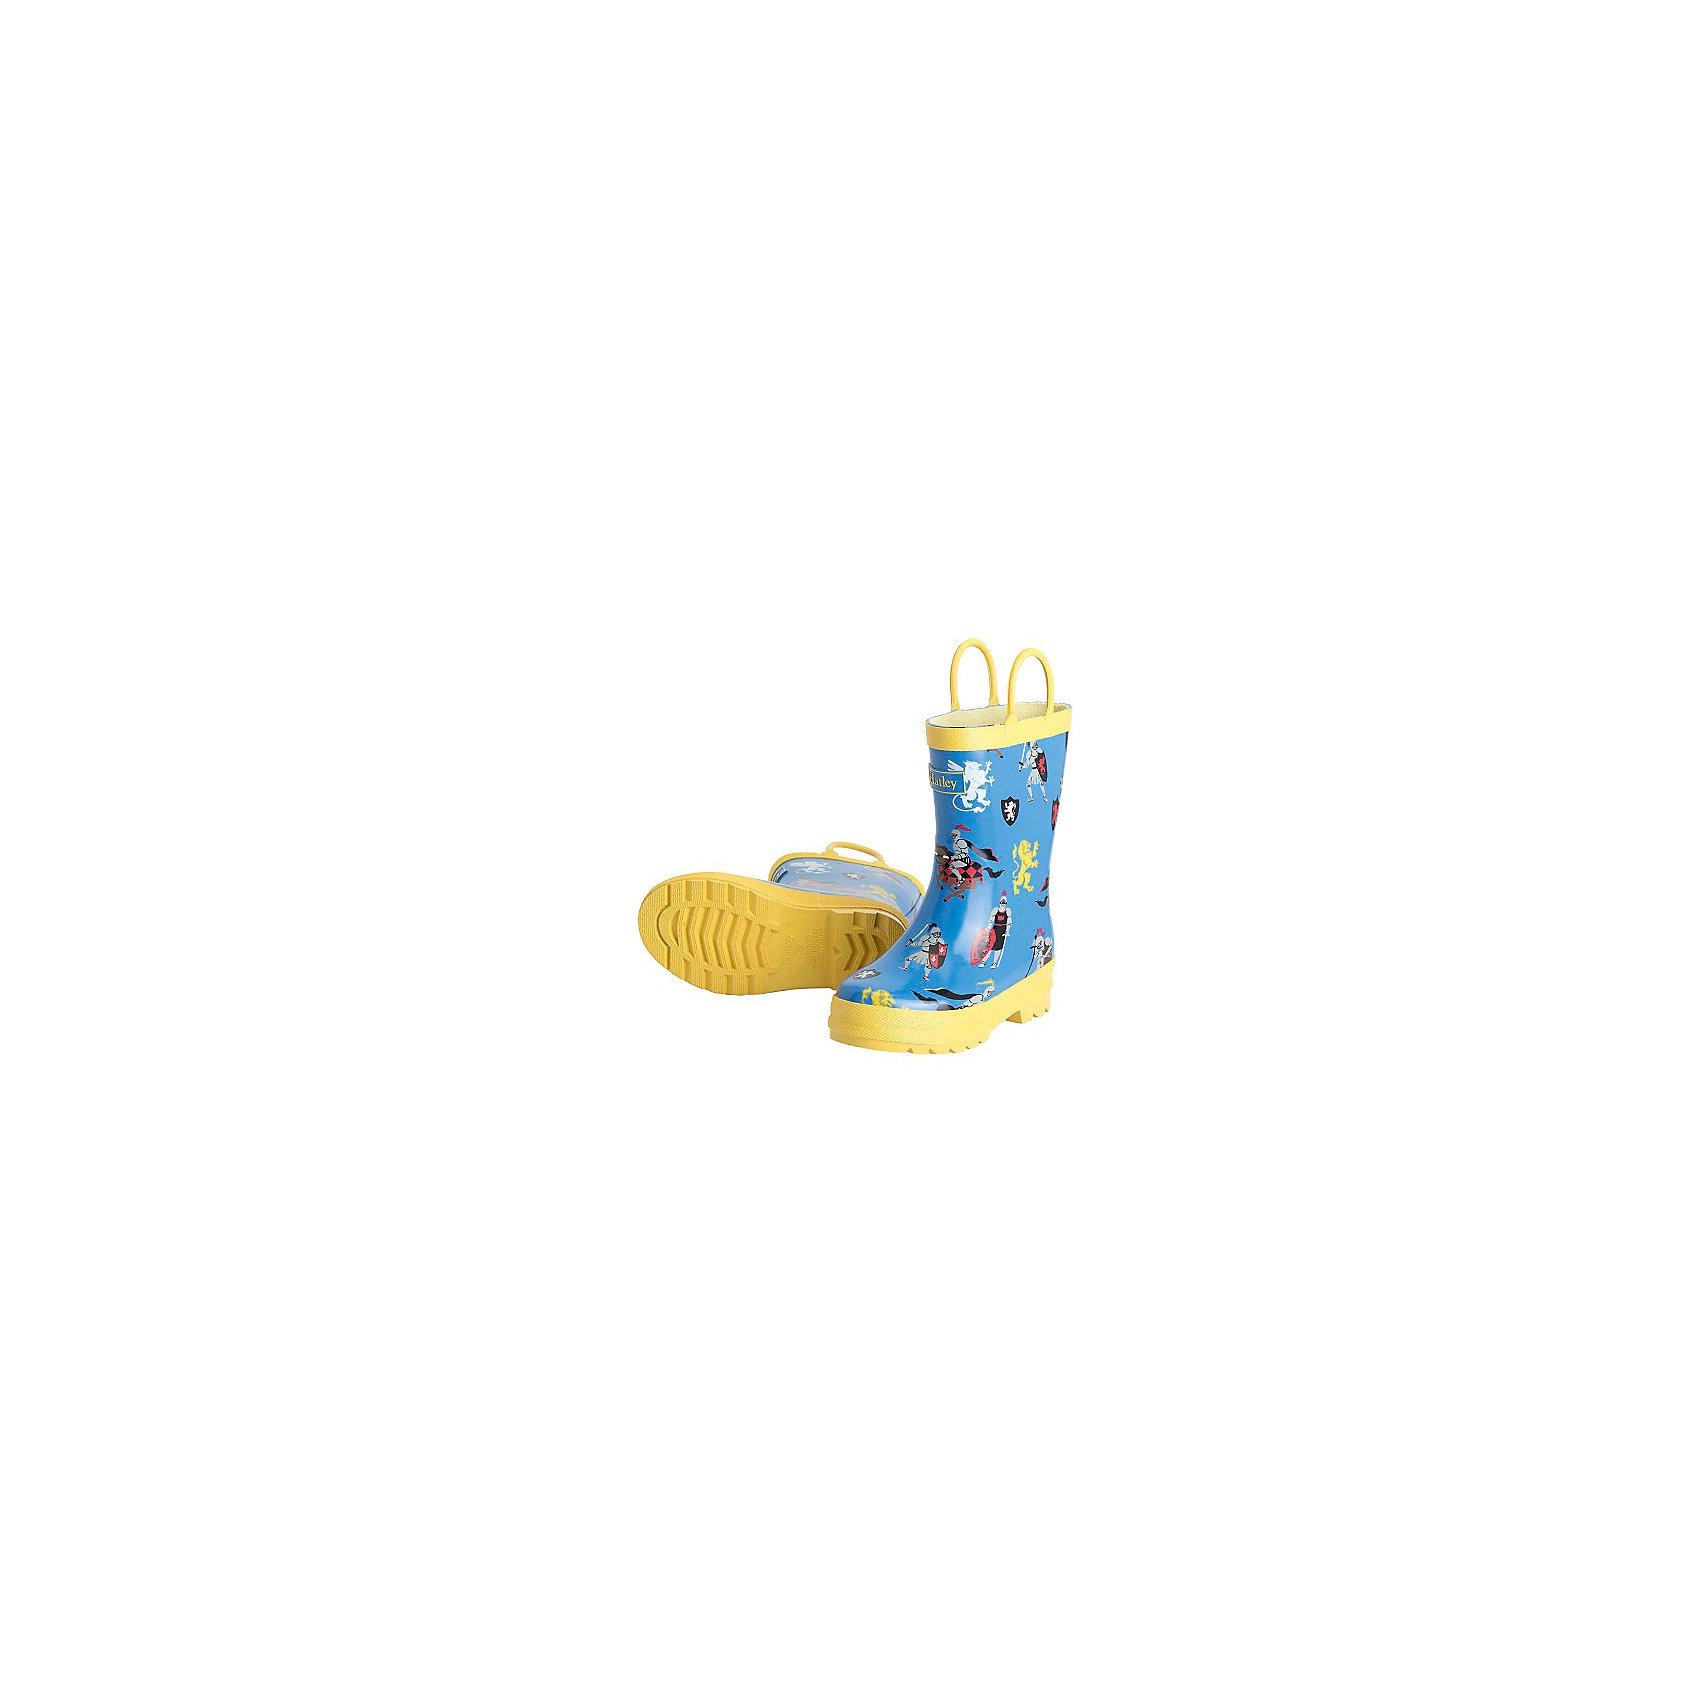 Резиновые сапоги для мальчика HatleyРезиновые сапоги для мальчика Hatley<br><br>Характеристики:<br><br>• Состав: верх -ПВХ, подкладка - 100% хлопок<br>• Цвет: желтый, голубой<br><br>Яркие, стильные и модные резиновые сапоги для мальчика сделаны из высококачественных материалов. Резина сока каучуковых деревьев не даст ножкам промокнуть, а хлопковая подкладка защитит от холода. Внутри есть стелька с аркой, которая способствует правильному формированию стопы. По бокам есть удобные ручки. <br><br>Резиновые сапоги для мальчика Hatley можно купить в нашем интернет-магазине.<br><br>Ширина мм: 237<br>Глубина мм: 180<br>Высота мм: 152<br>Вес г: 438<br>Цвет: голубой<br>Возраст от месяцев: 24<br>Возраст до месяцев: 24<br>Пол: Мужской<br>Возраст: Детский<br>Размер: 25,24,26<br>SKU: 5020884